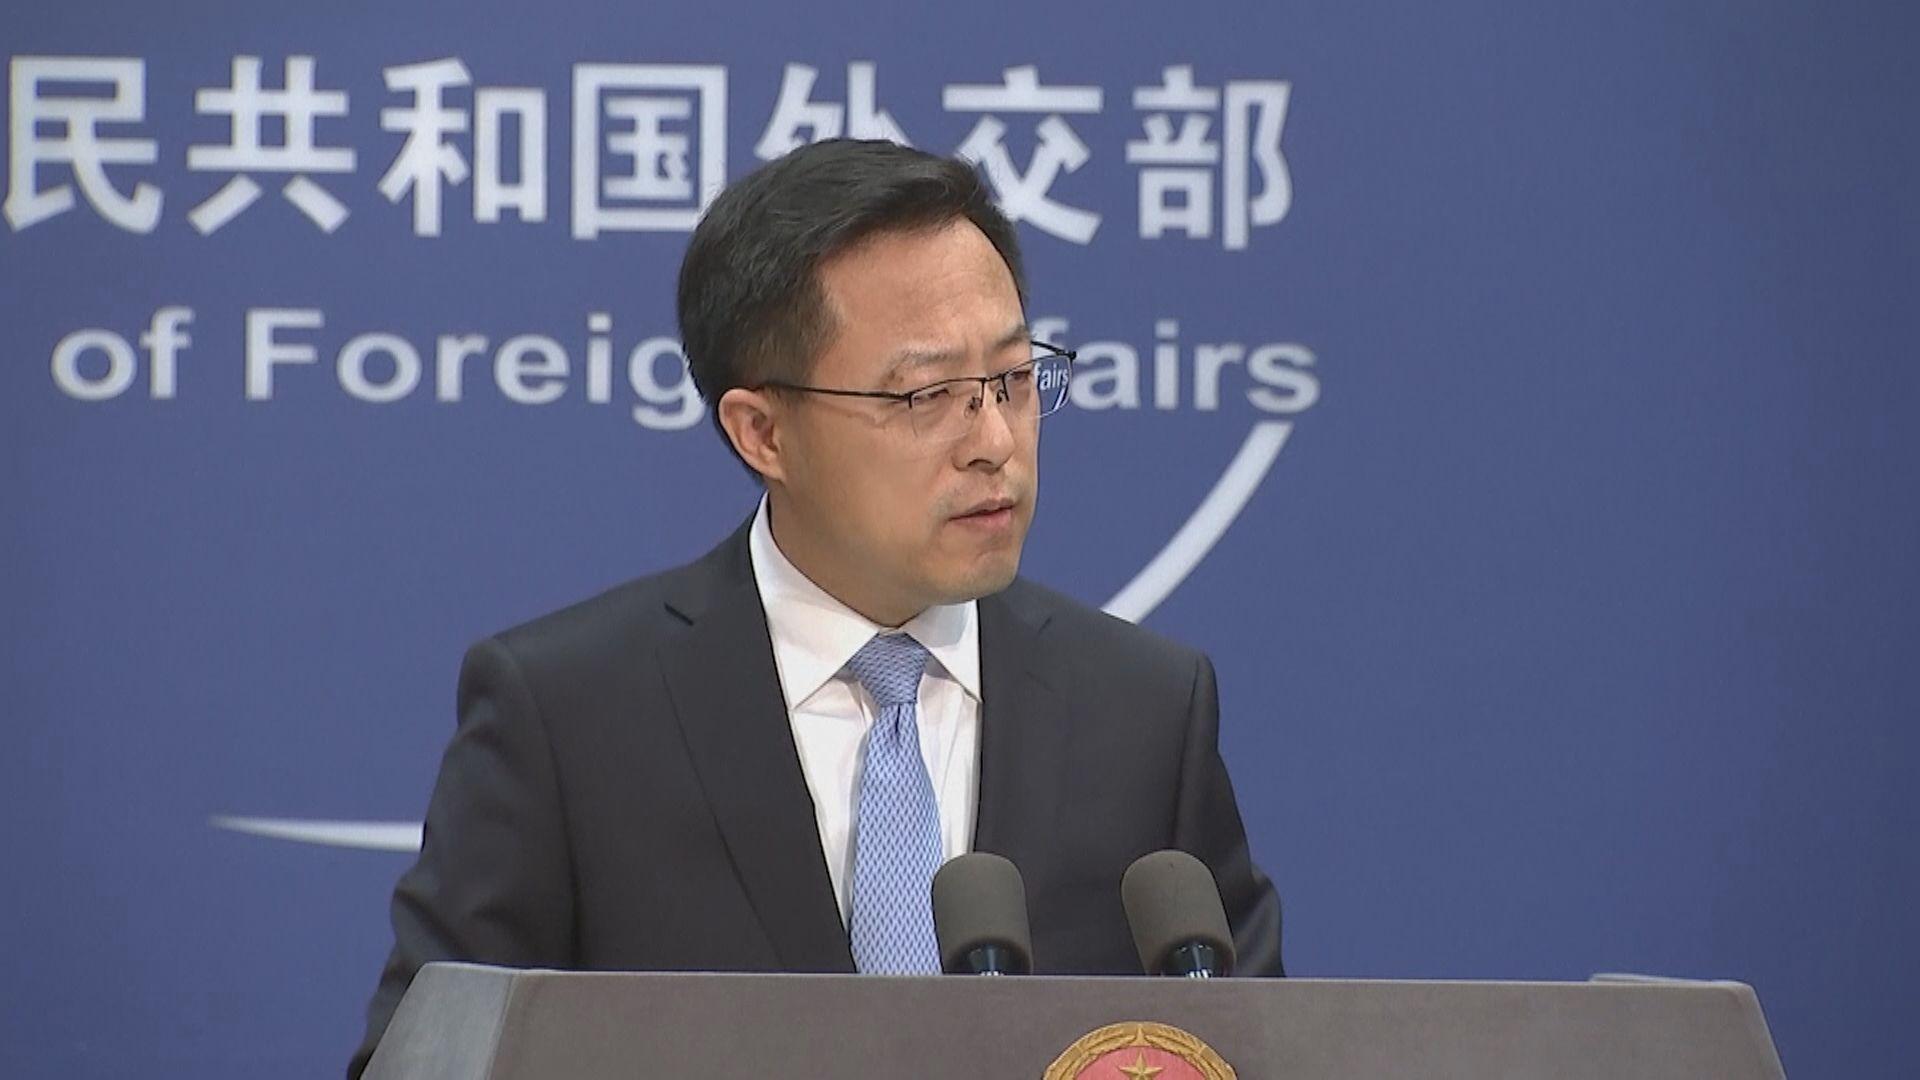 美駐華大使指12港人逃離暴政 外交部:美方罔顧事實